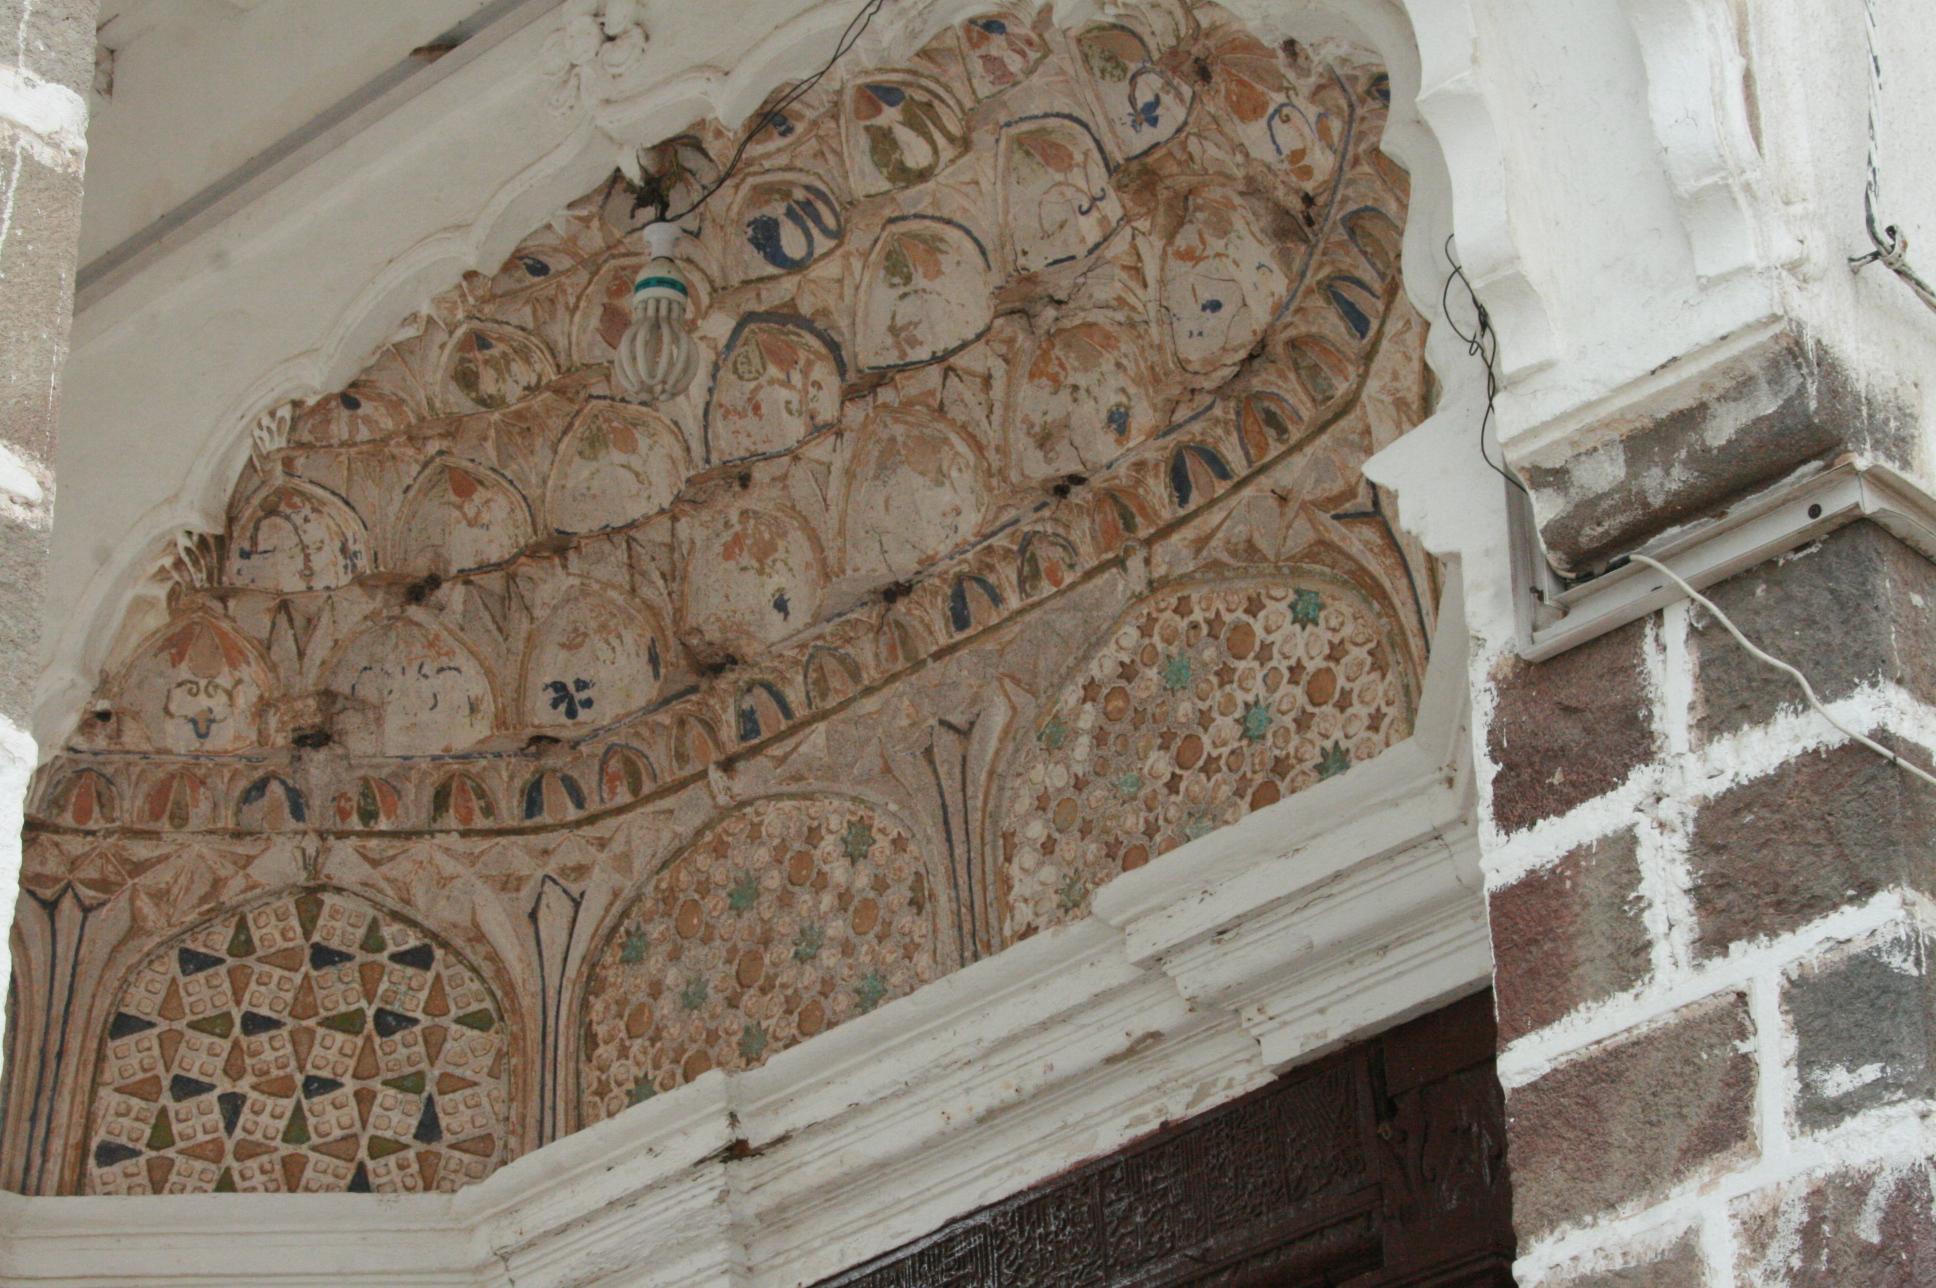 زخارف فنية ولافتة في أسقف مسجد العديروس (إندبندنت عربية)